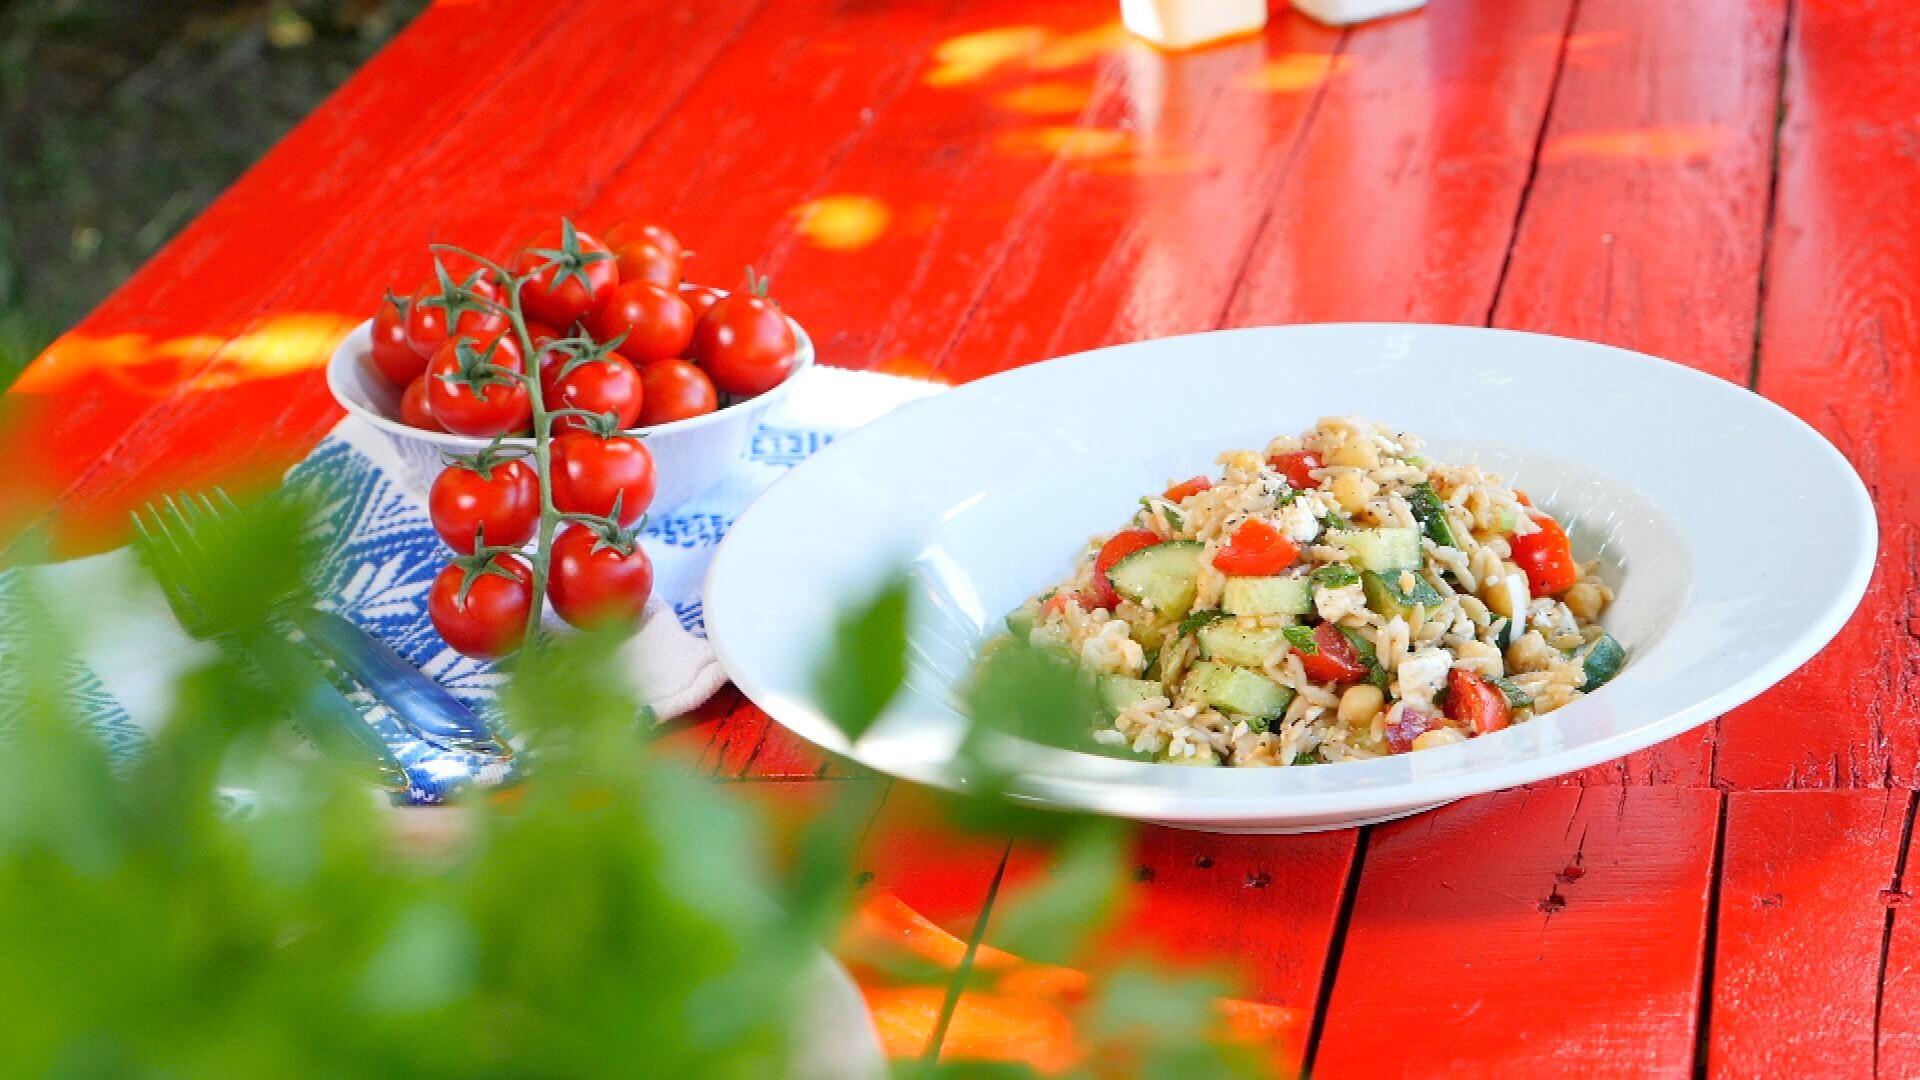 Καλοκαιρινή σαλάτα με κριθαράκι ολικής άλεσης- video